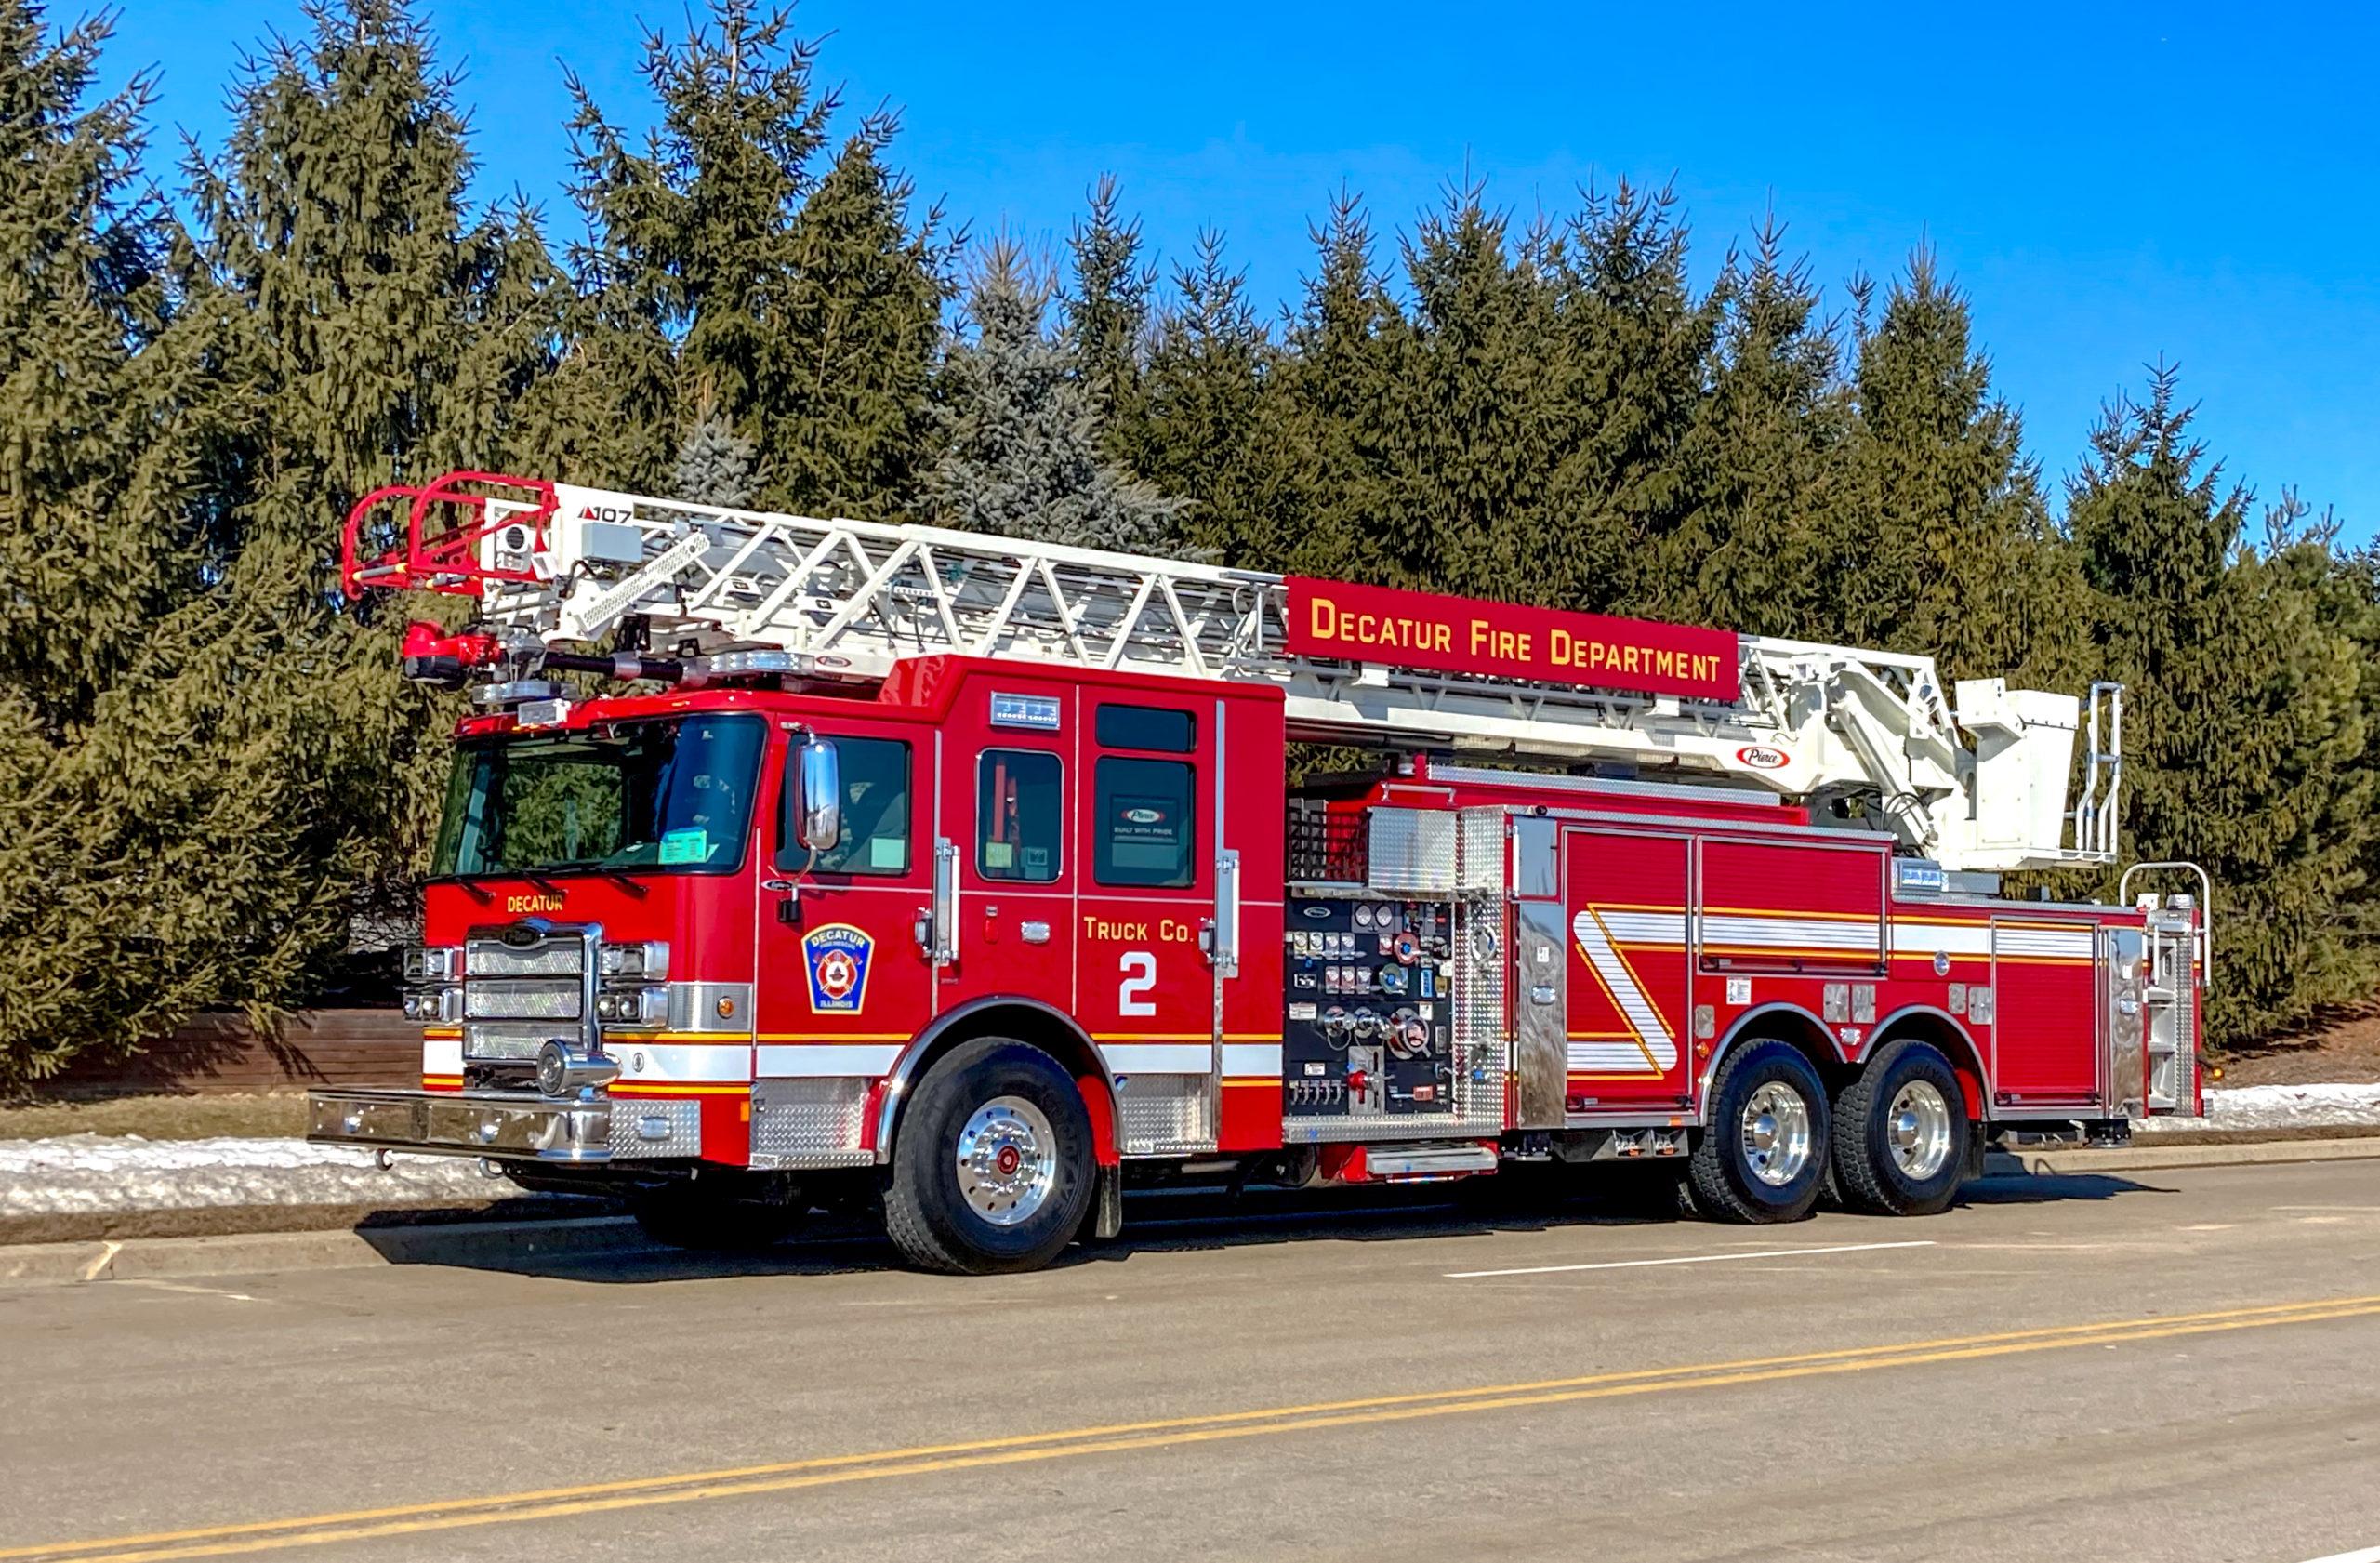 Decatur Fire Department - Aerial